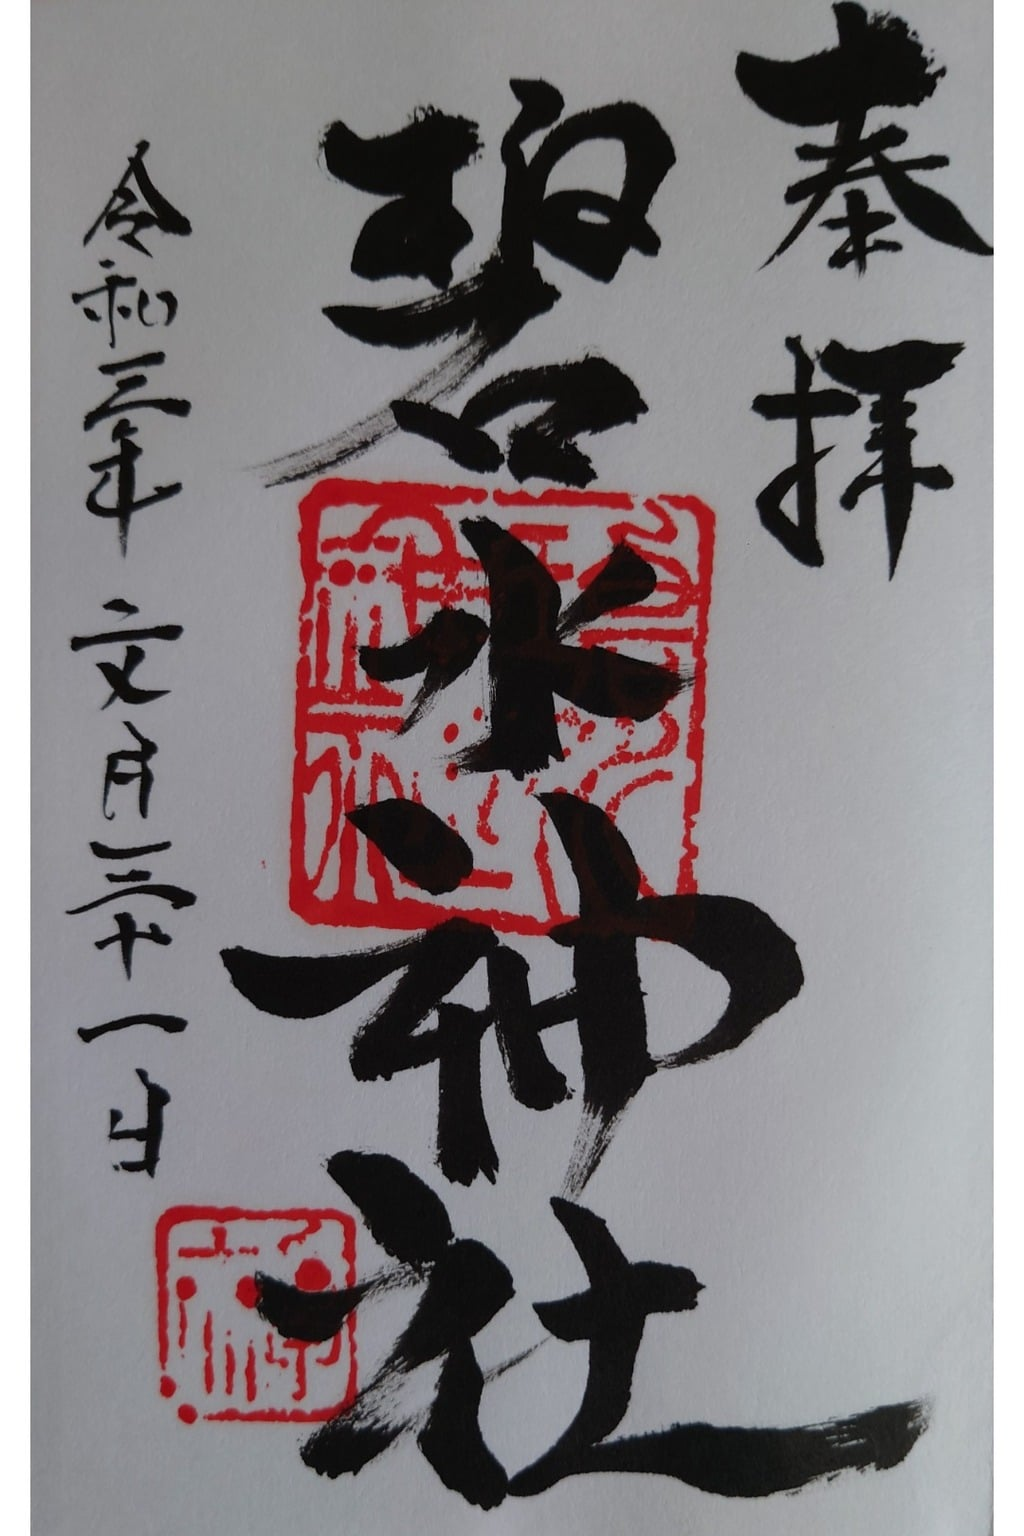 碧水神社の御朱印